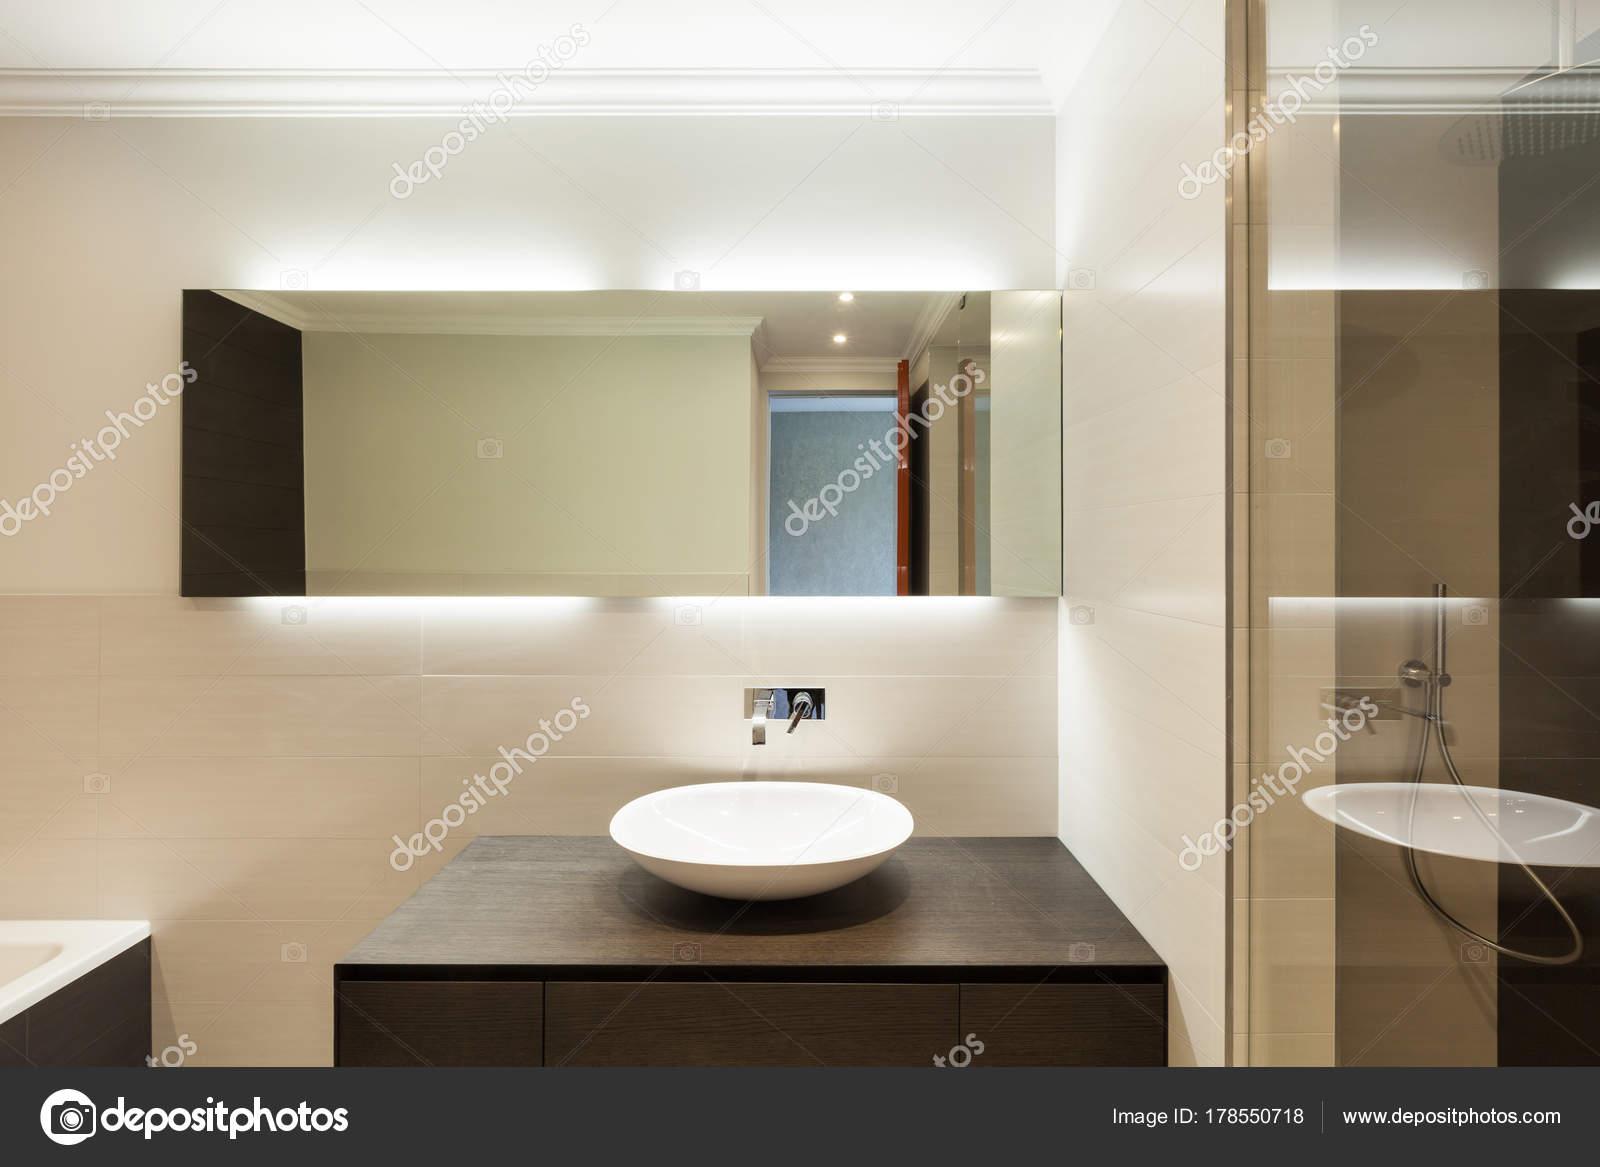 Laminaat plafond badkamer